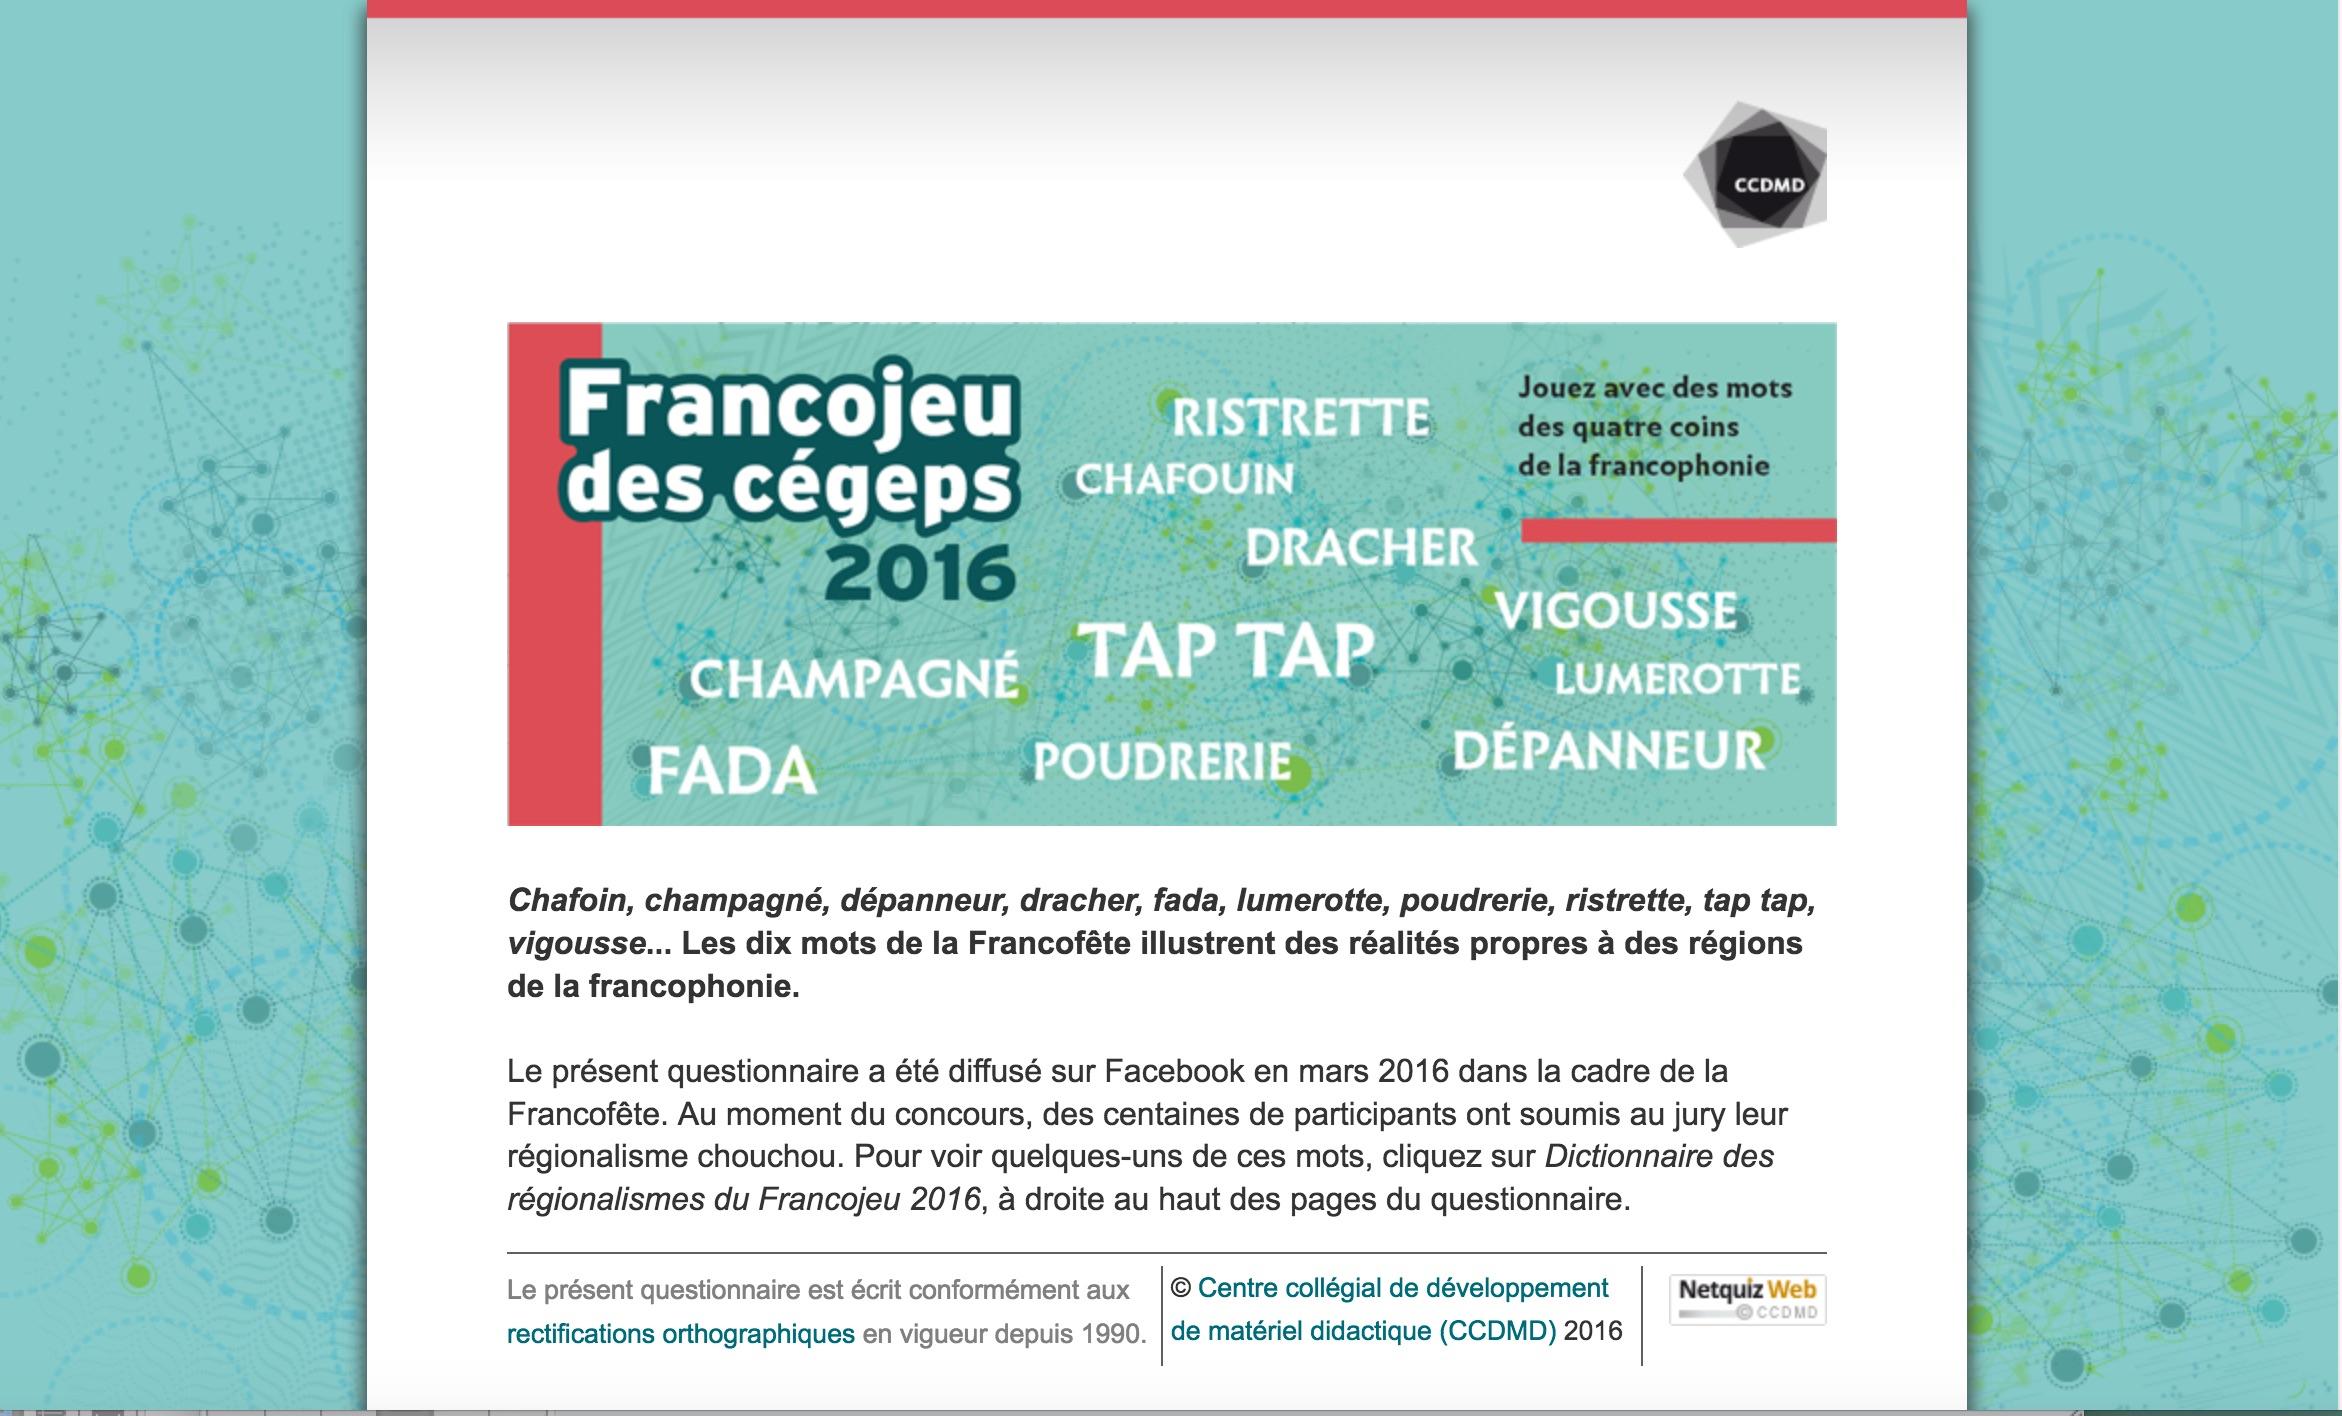 Ccdmd - Jeux Pédagogiques - Le Coin De L'office concernant Jeux Pédagogiques En Ligne